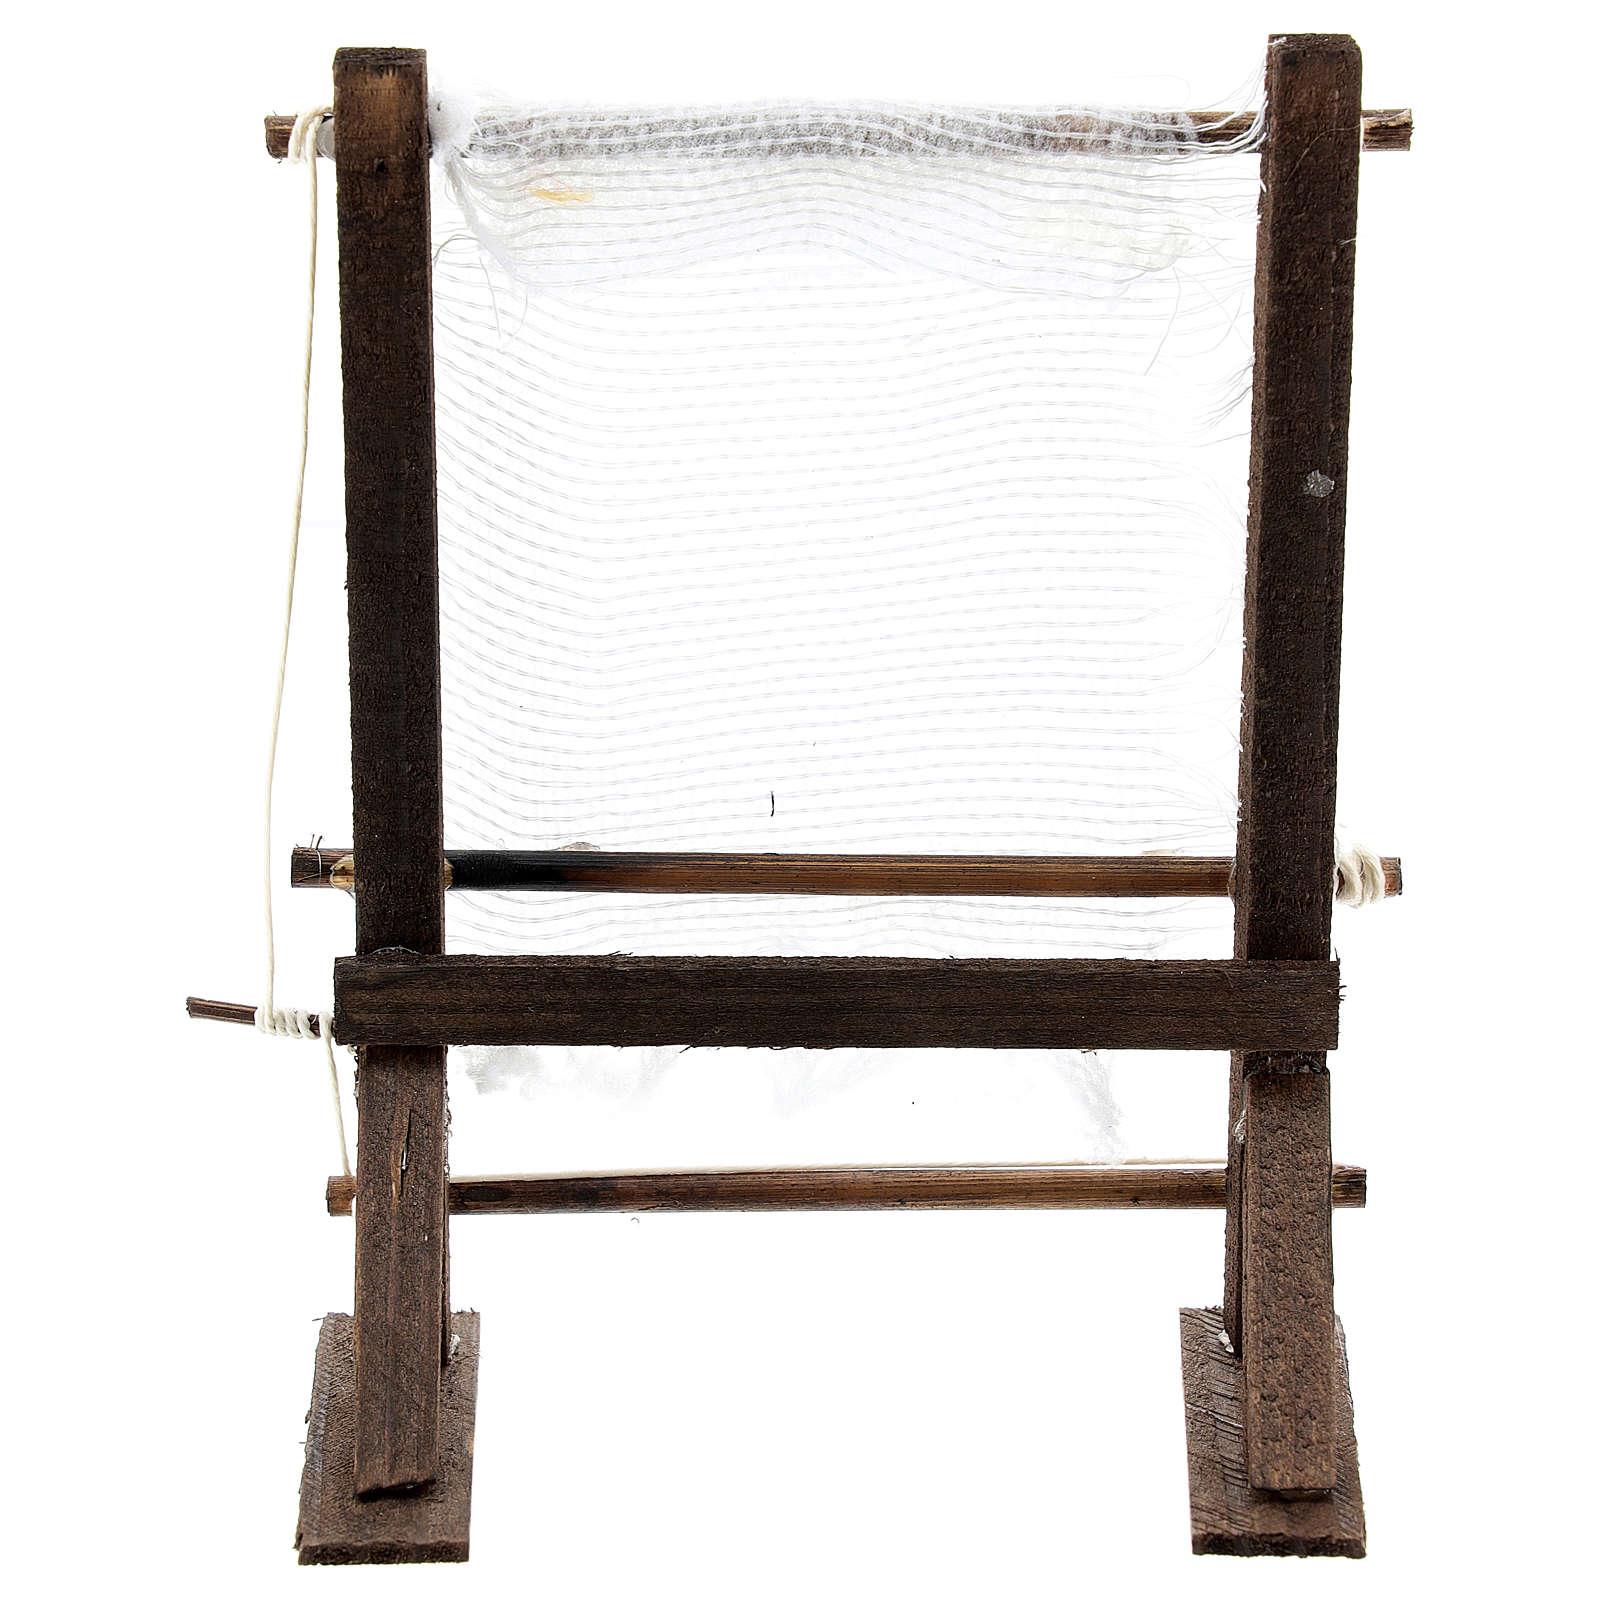 Telar hila lana para belén napolitano de 6-8 cm 4